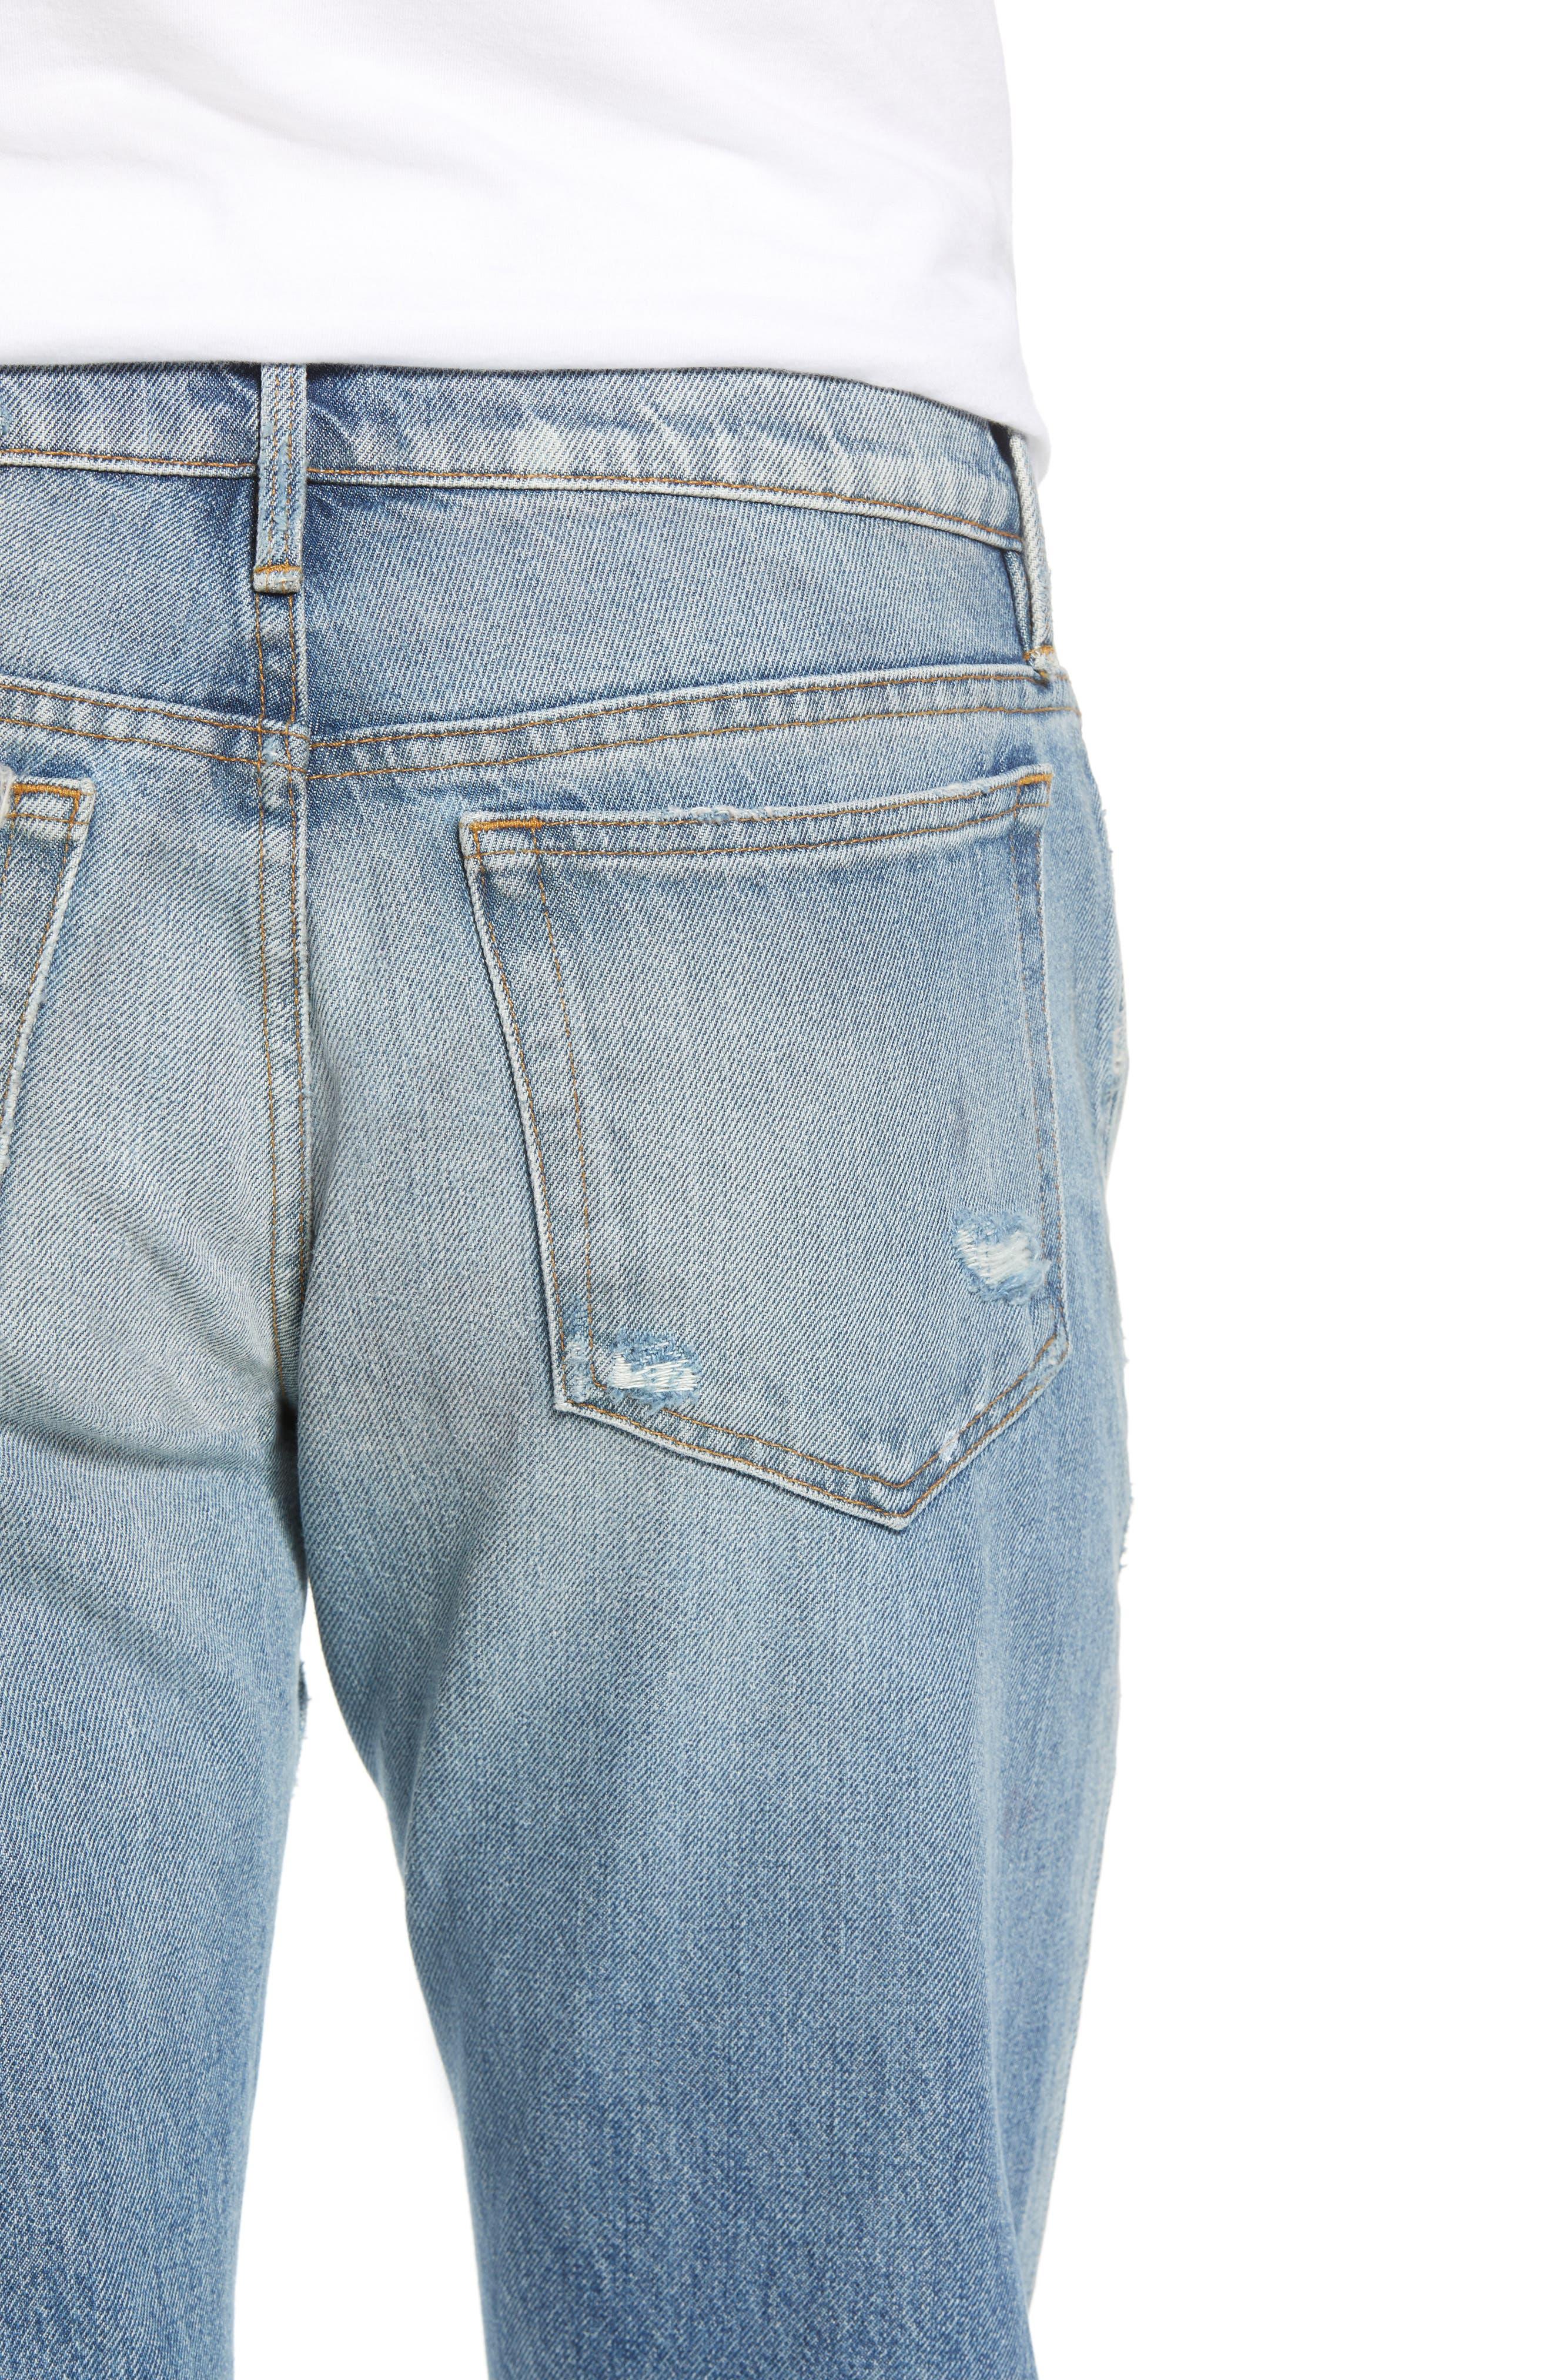 L'Homme Slim Fit Jeans,                             Alternate thumbnail 4, color,                             421